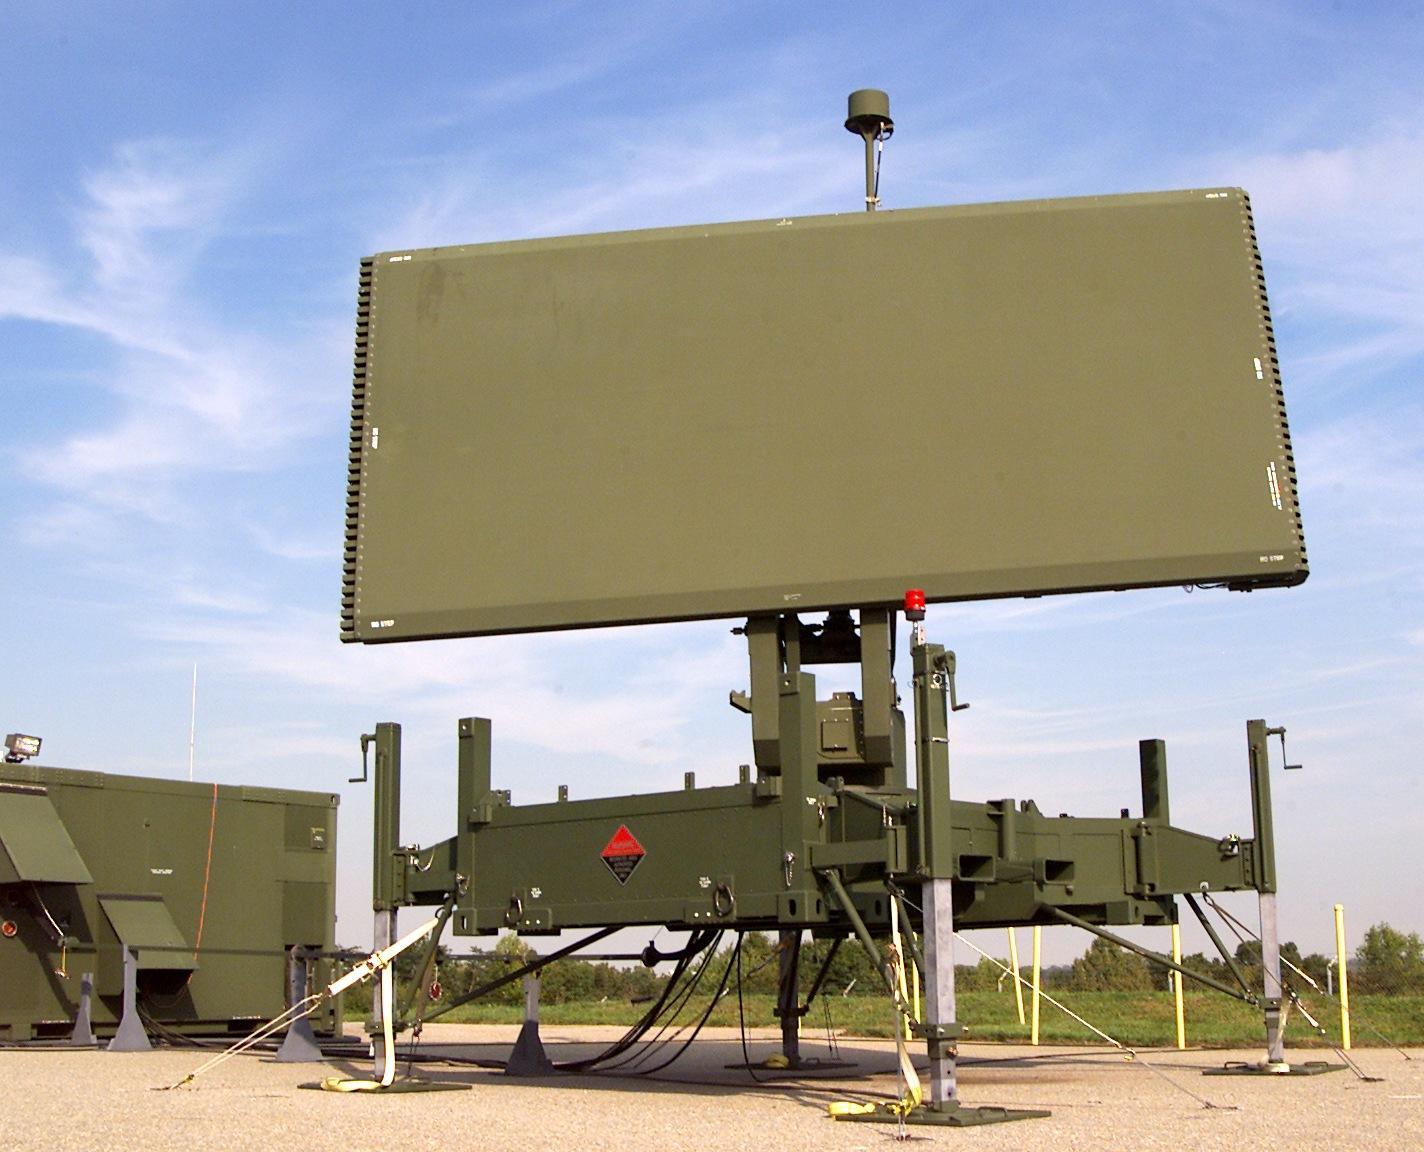 La Fuerza Aérea Colombiana ha adquirido a la firma estadounidense Northrop Grumman cuatro radares tácticos móviles 3D AN/TPS-78, con el fin de potenciar el desarrollo del nuevo Sistema de Defensa Aérea Nacional -SISDAN-